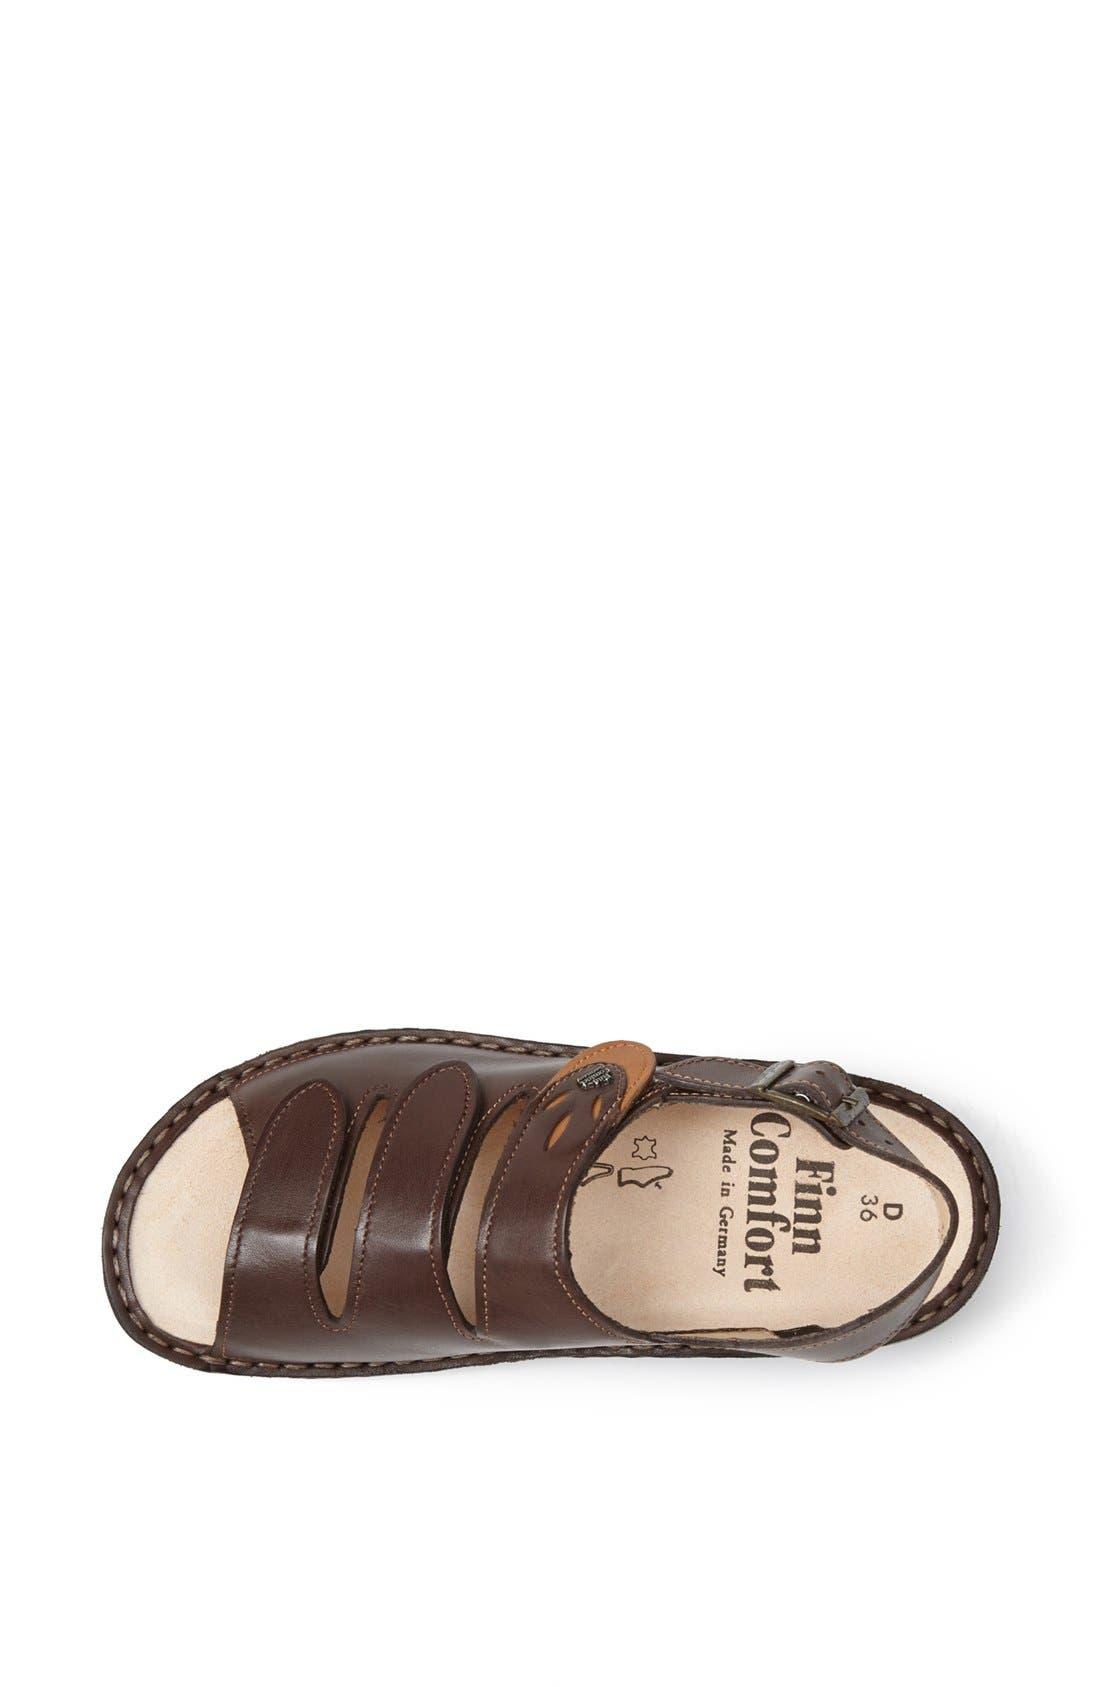 Alternate Image 3  - Finn Comfort 'Saloniki' Sandal